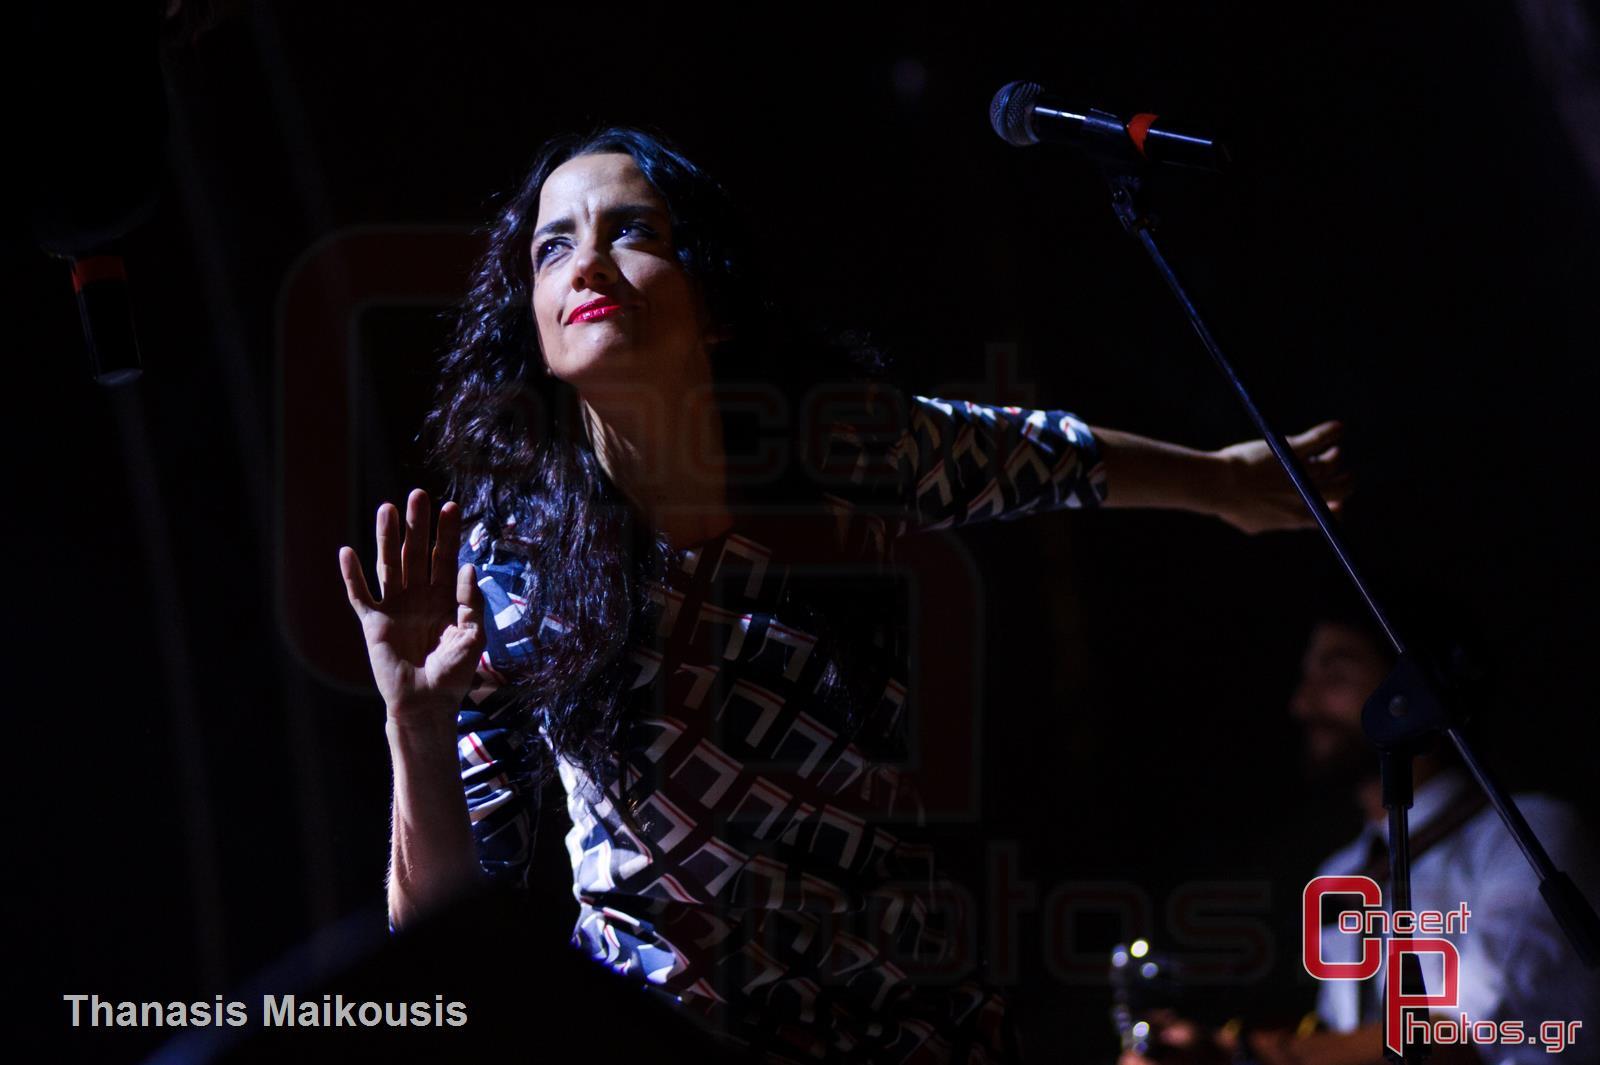 Nouvelle Vague-Nuvelle Vague photographer: Thanasis Maikousis - concertphotos_-8221